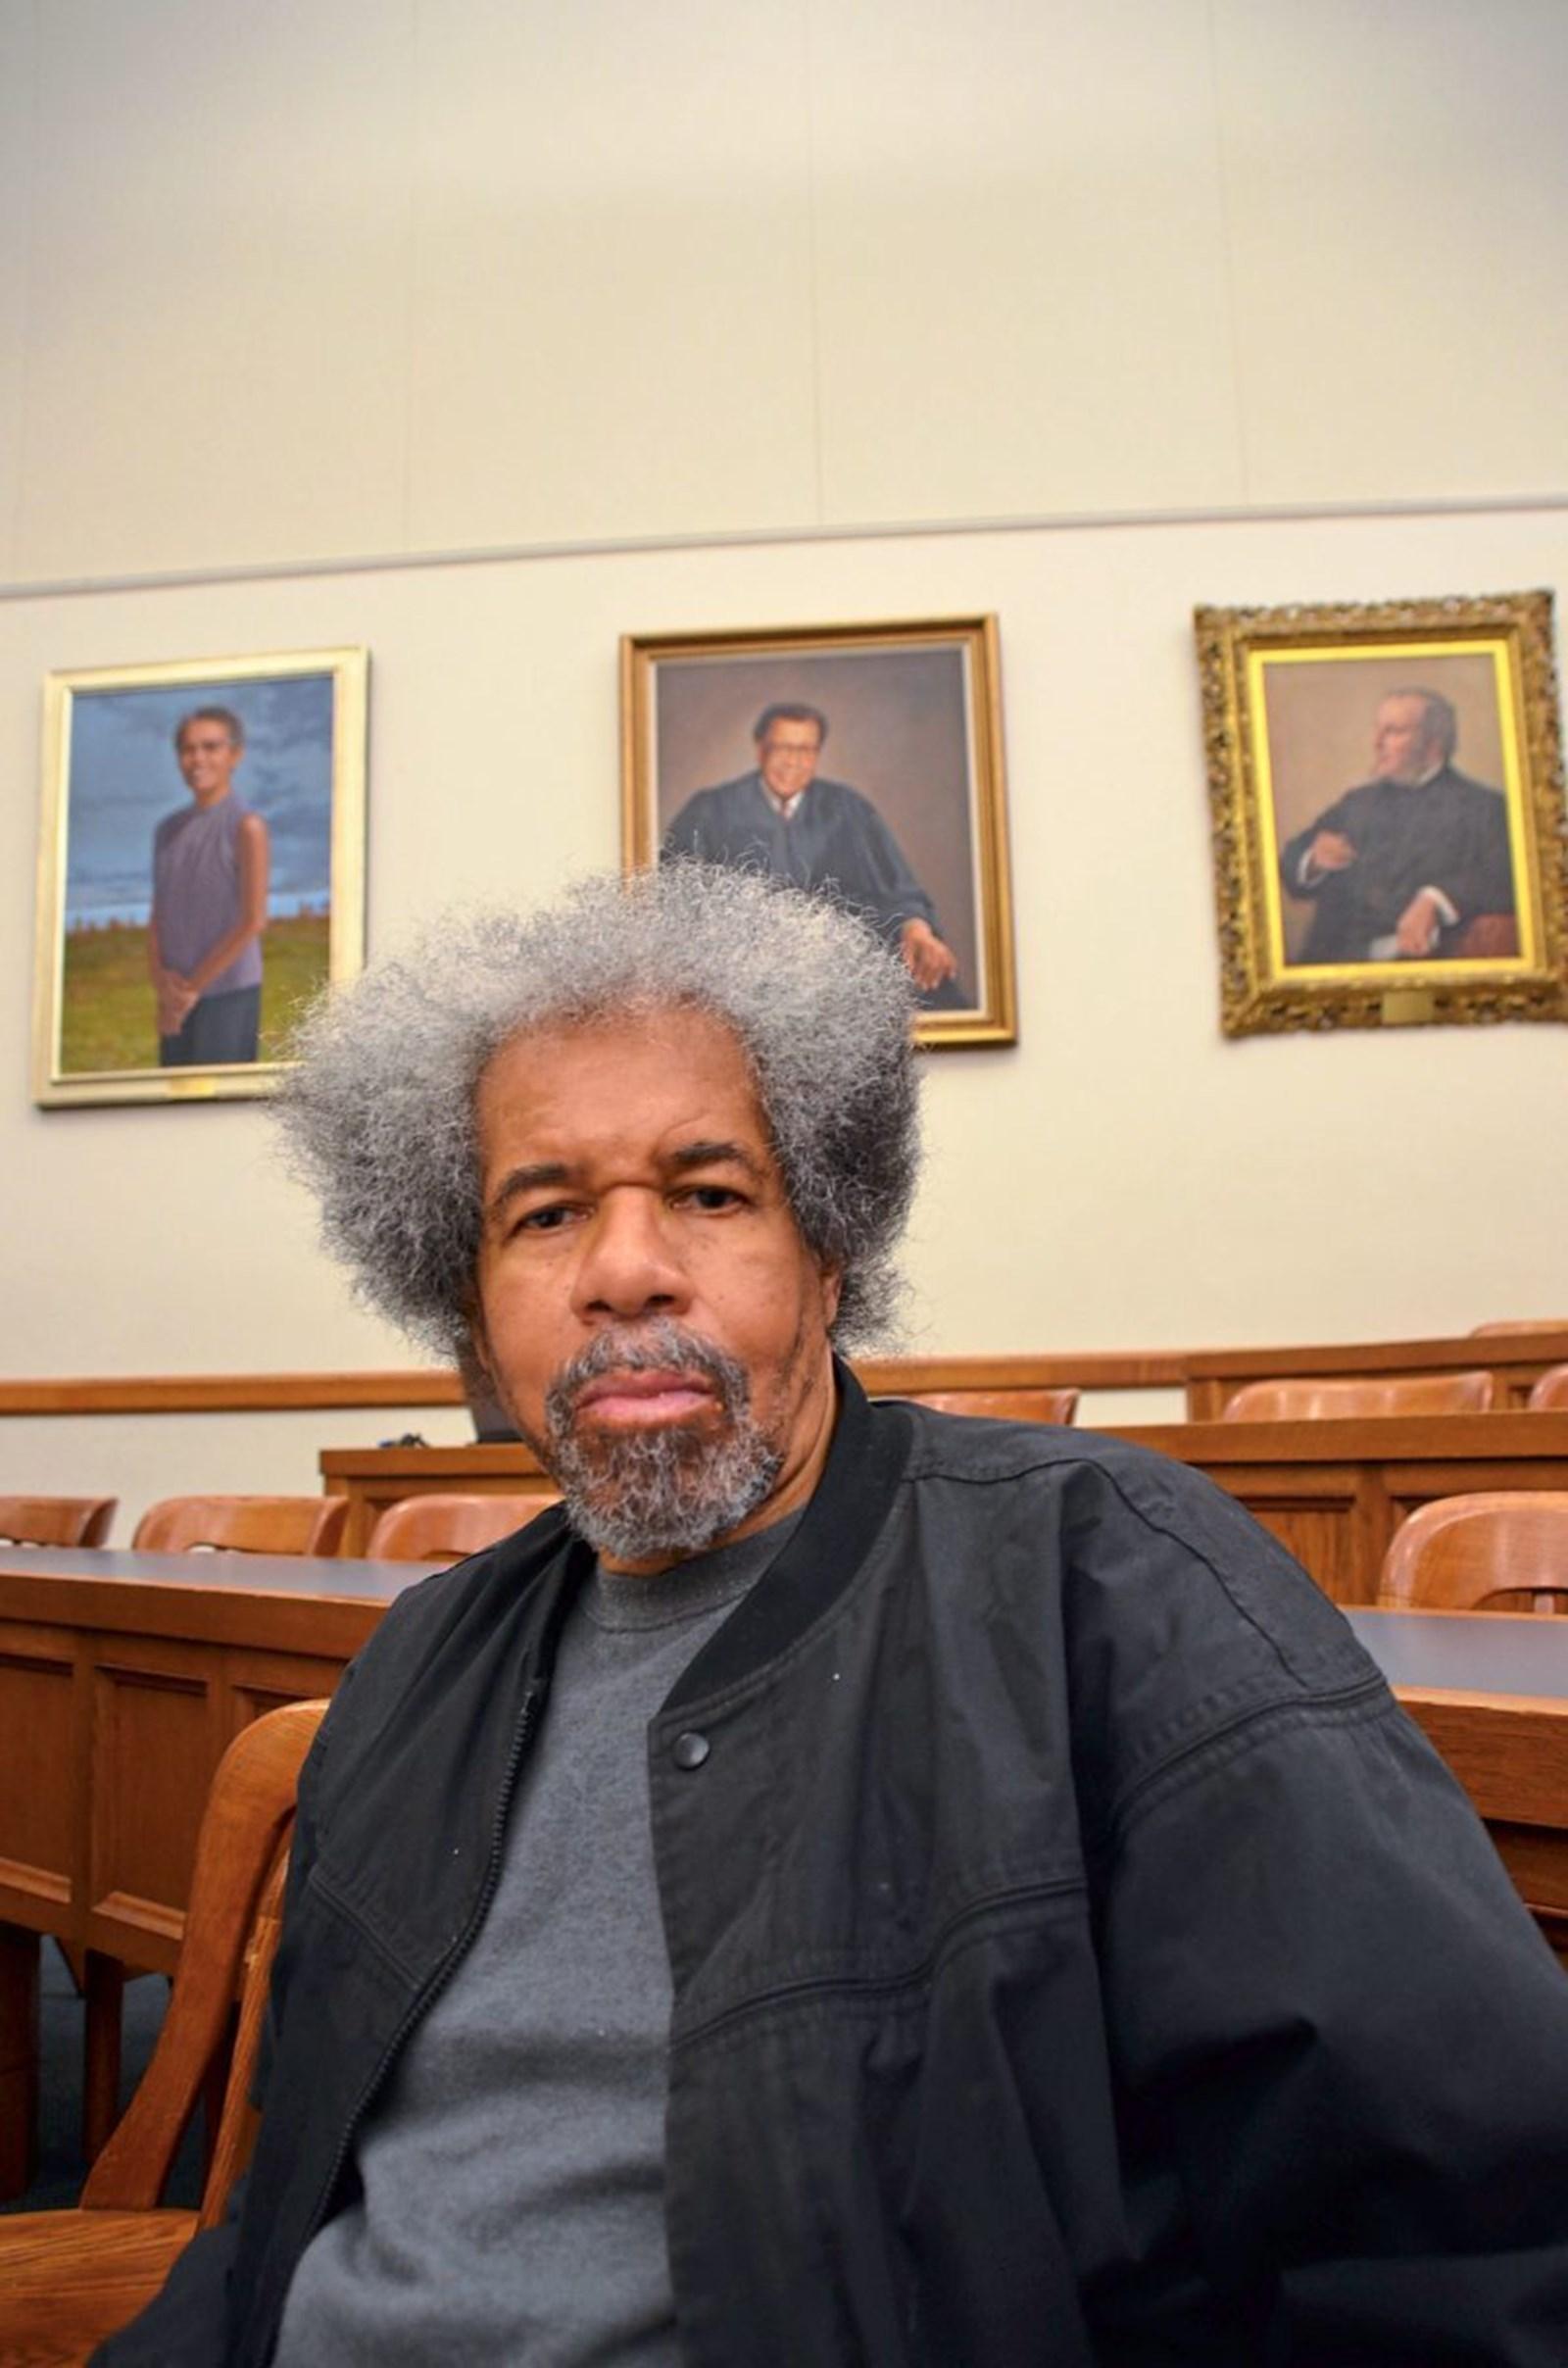 Mehr als 44 Jahre unschuldig in Einzelhaft